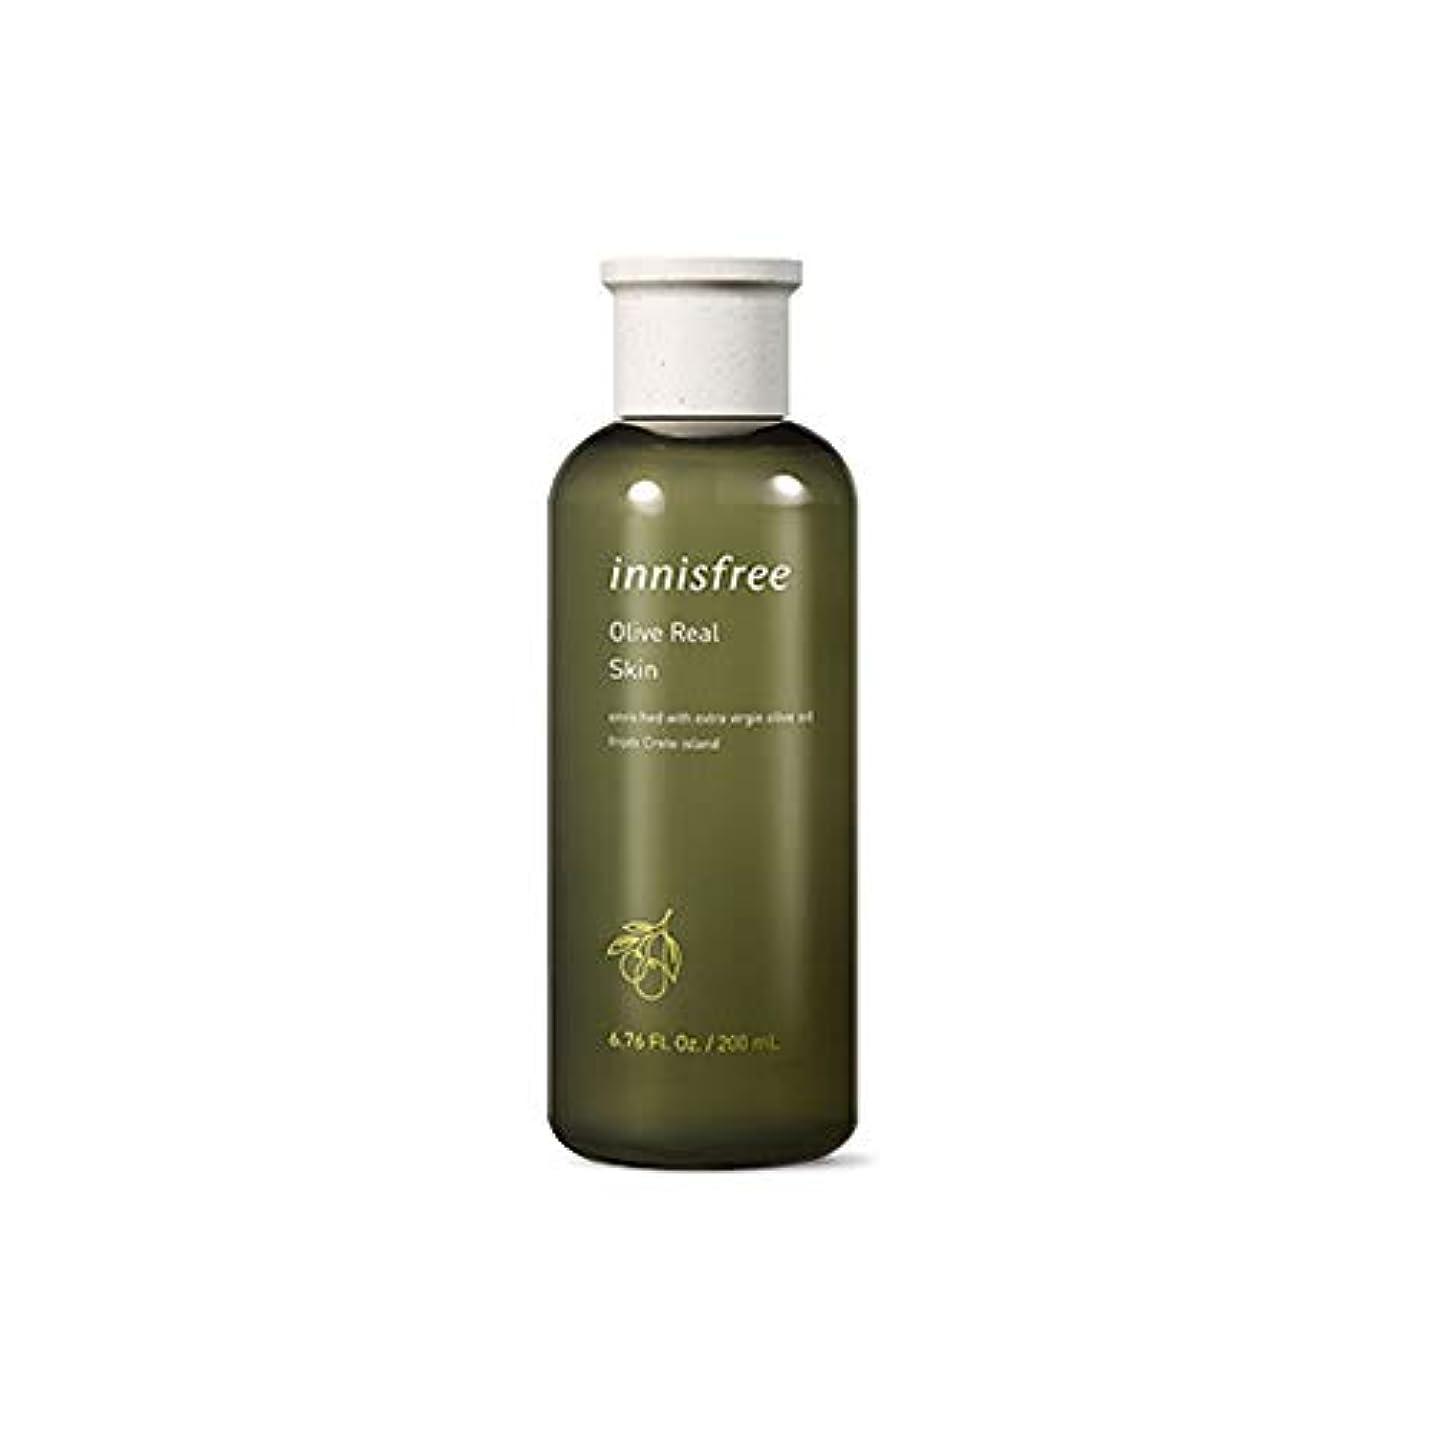 柔らかさ貨物パウダーNEW[イニスフリー] Innisfree オリーブ リアル スキンEX (200ml) Innisfree Olive Real Skin EX(200ml) [海外直送品]